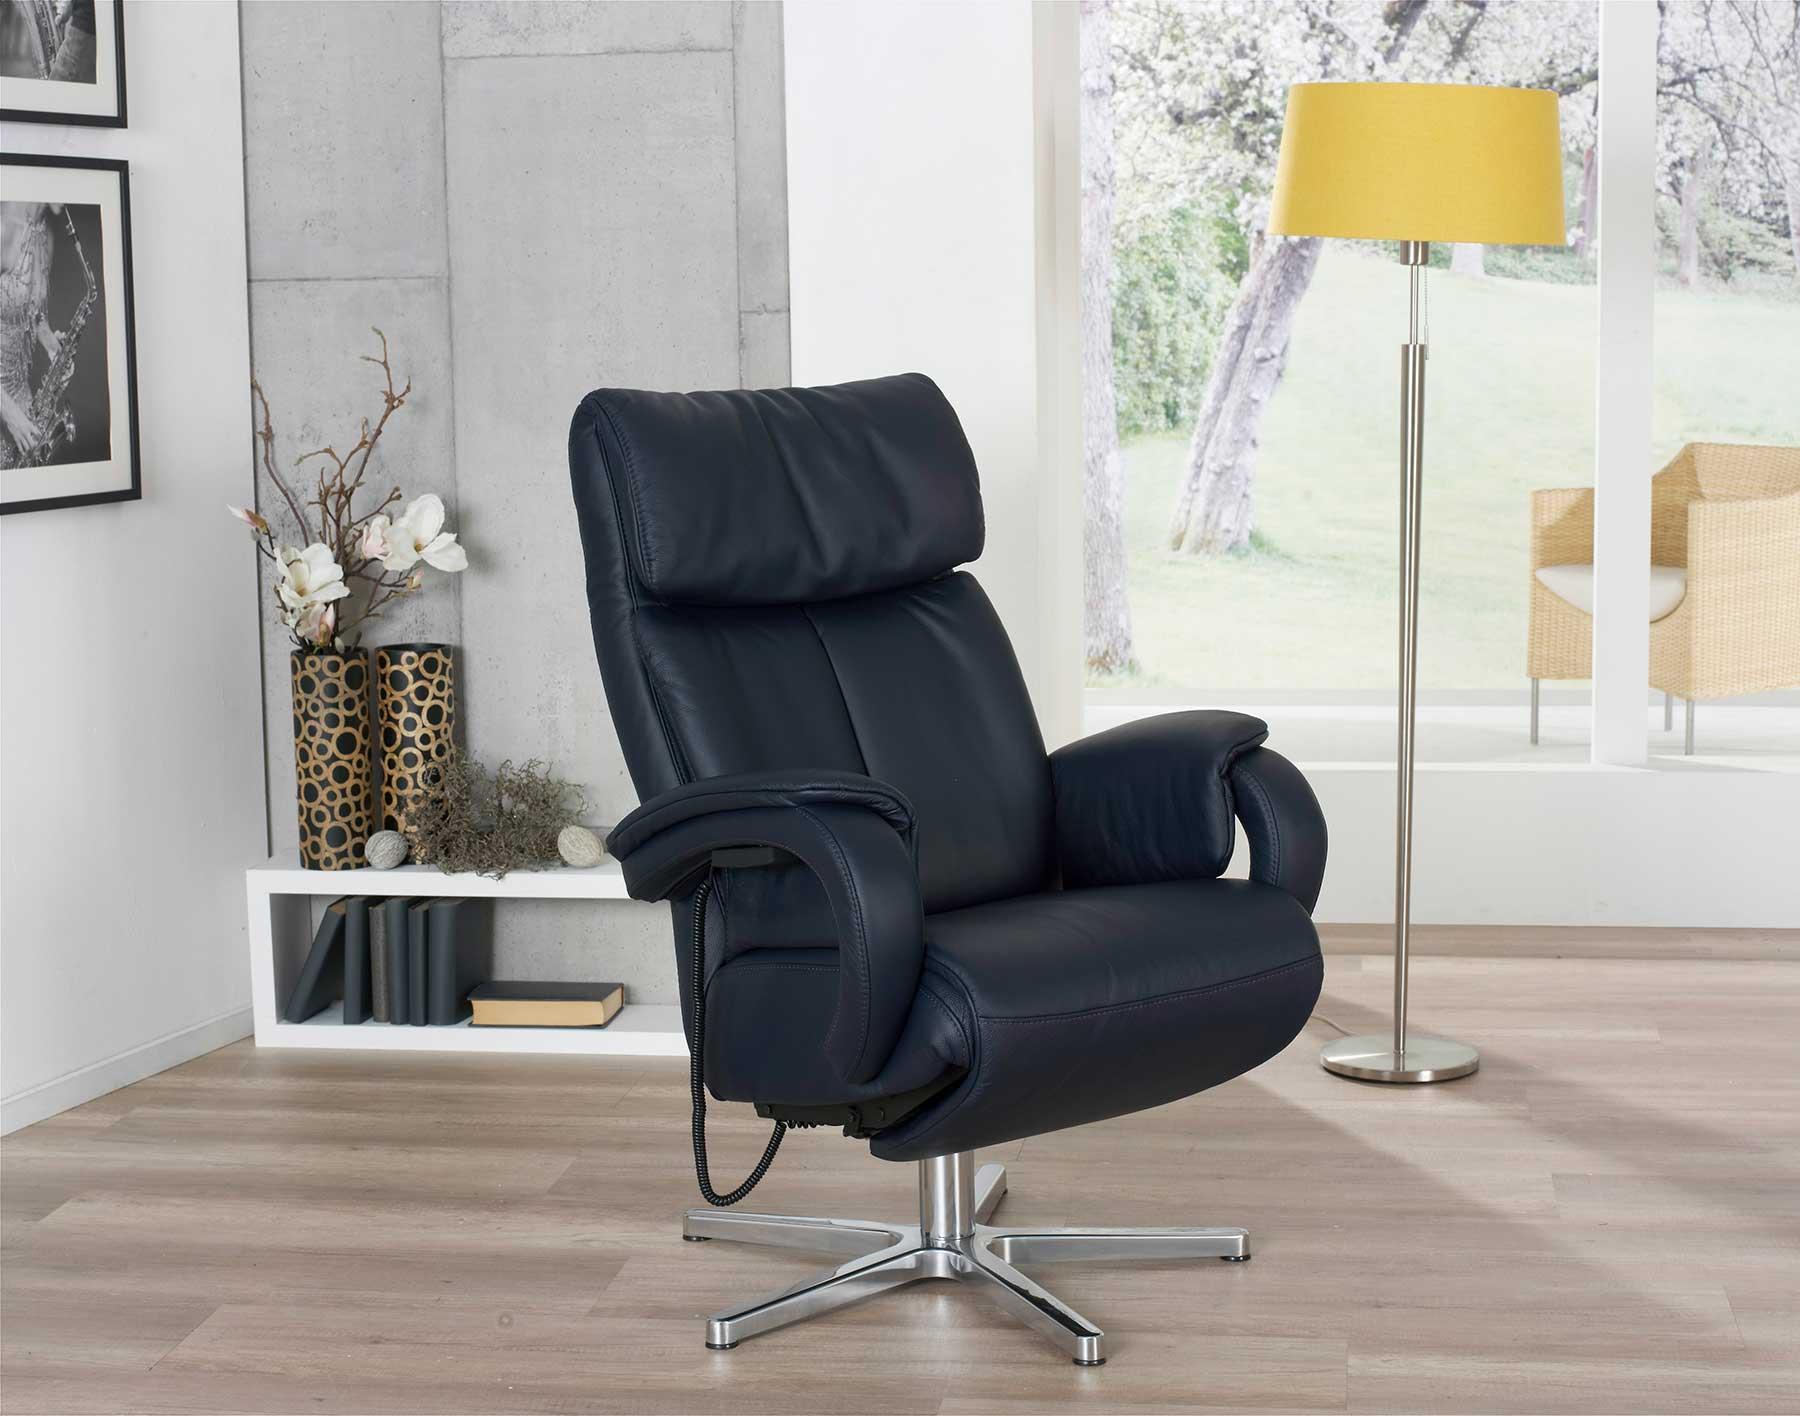 Sympathisch Relaxsessel Elektrisch Verstellbar Sammlung Von Sessel Verstellbar, Aus Der Eleganten Kollektion -